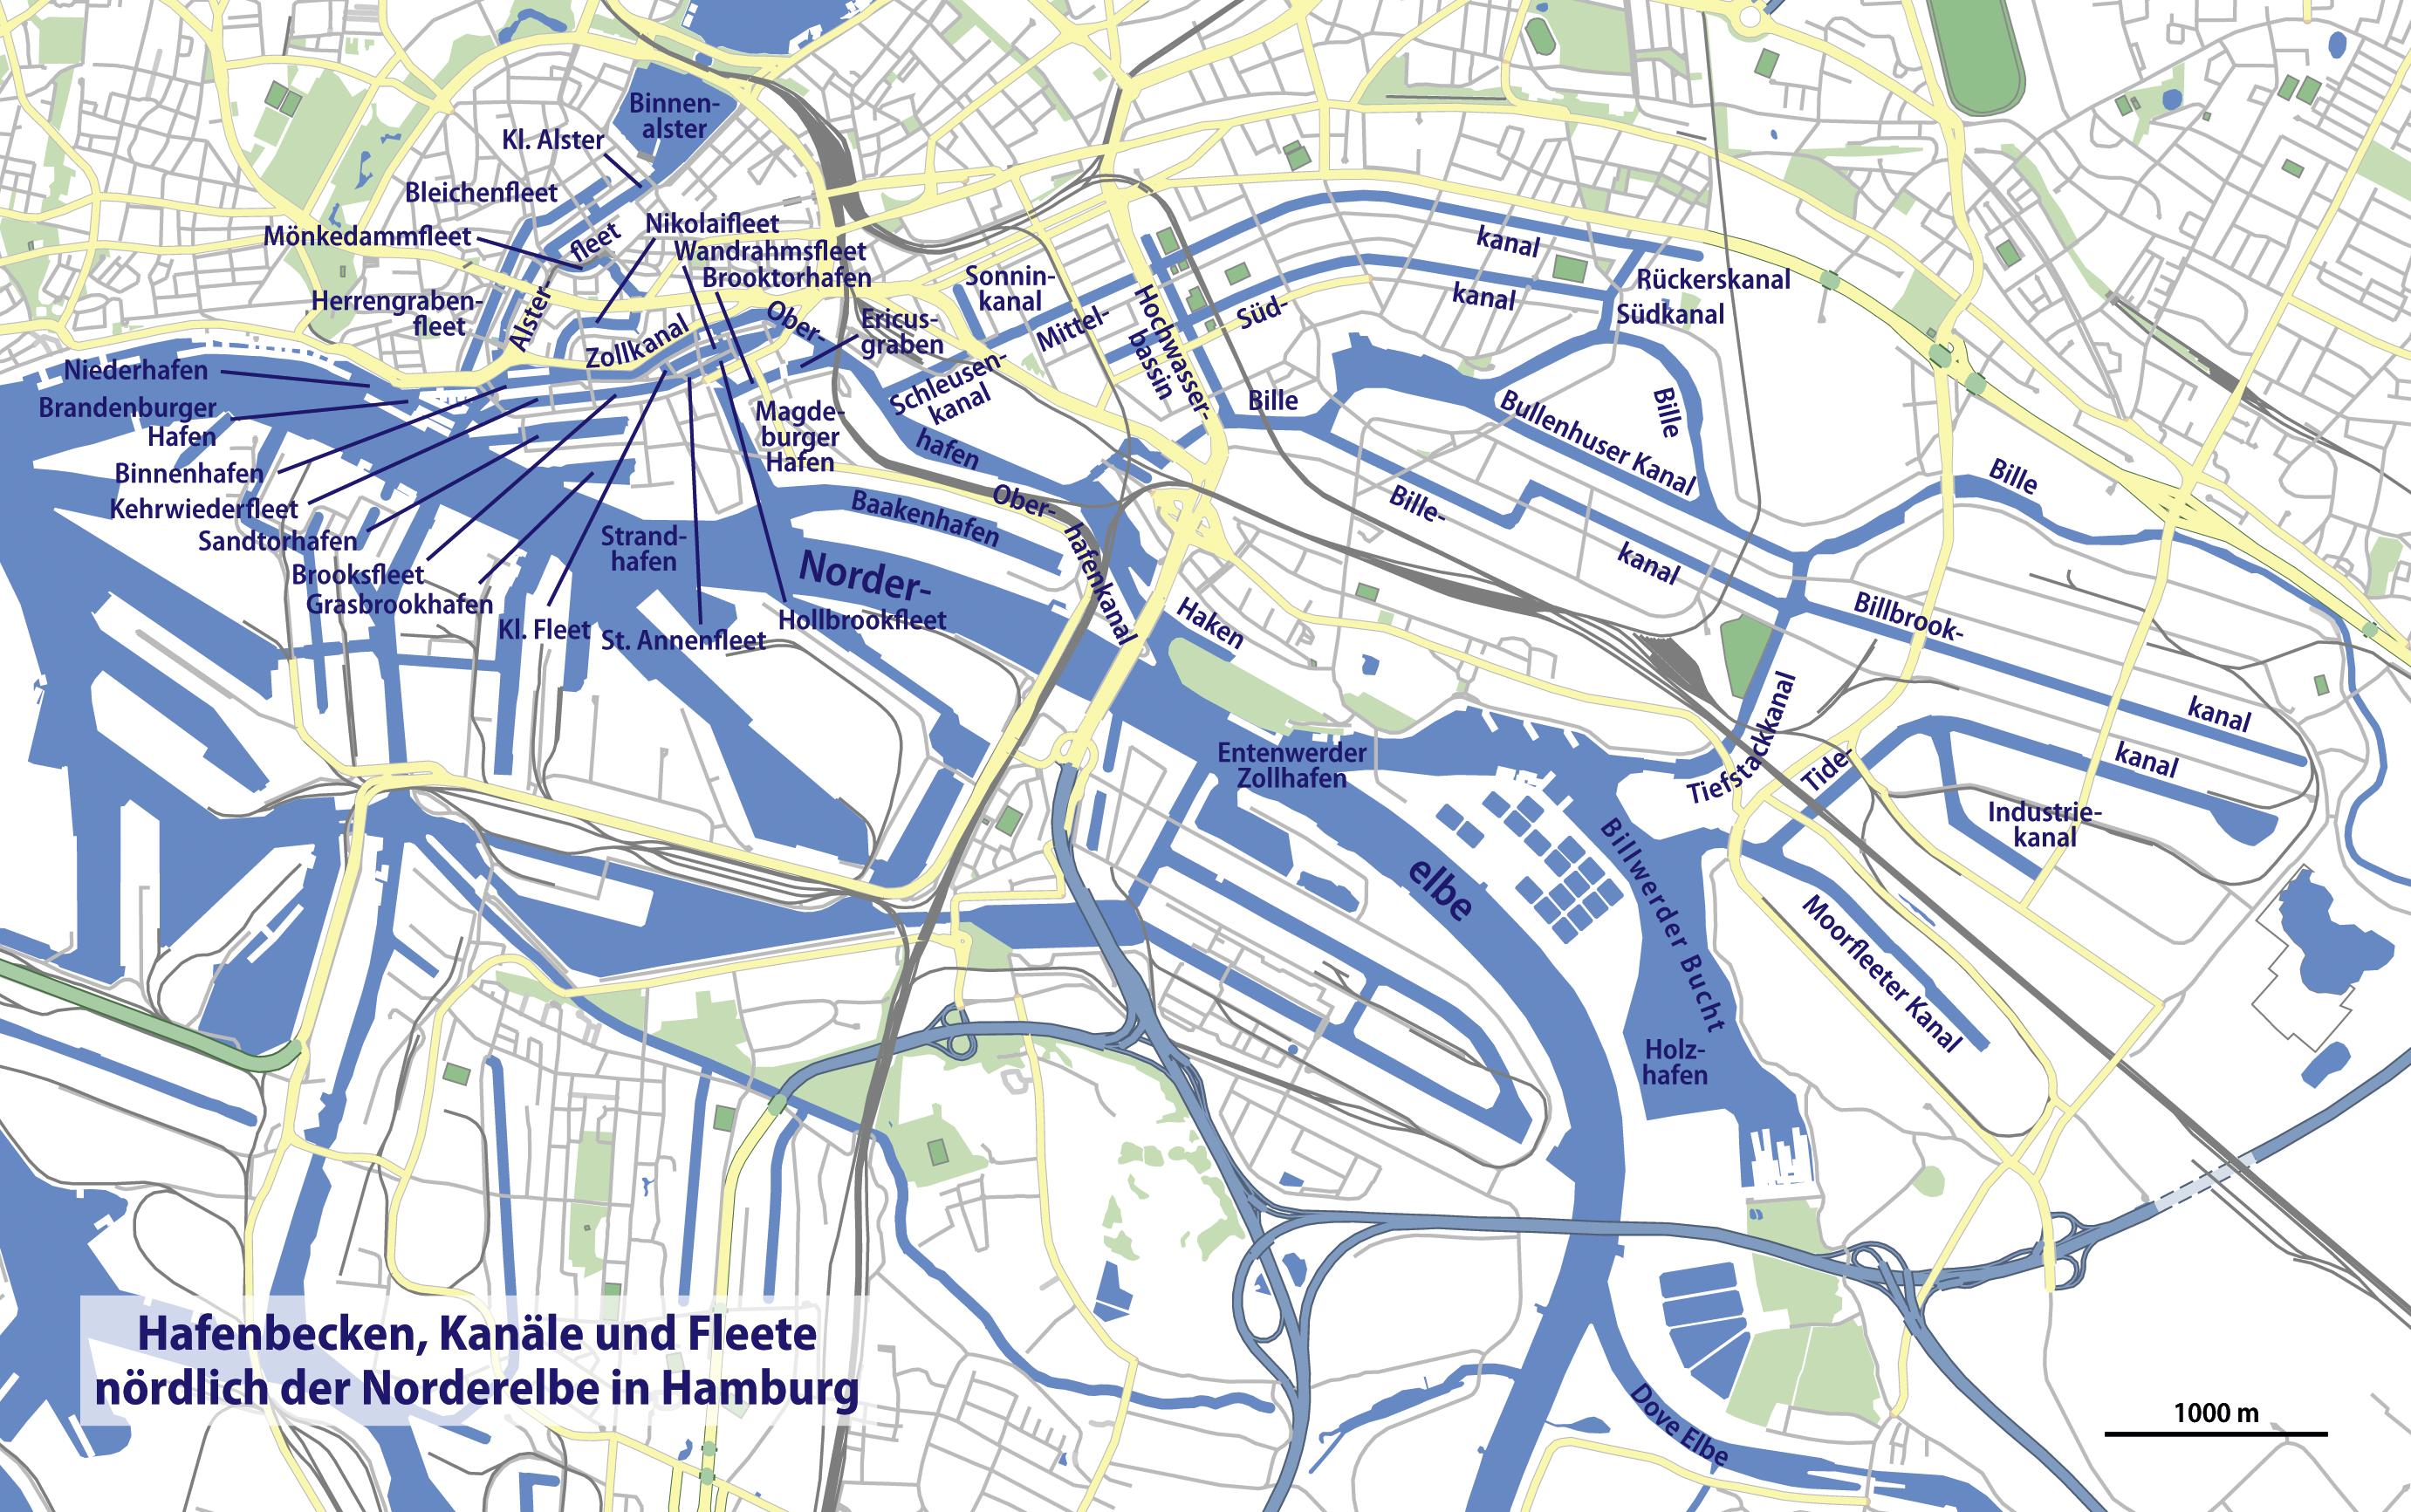 karte hamburg hafen File:Karte Hamburger Hafen nördlich der Norderelbe.png   Wikimedia